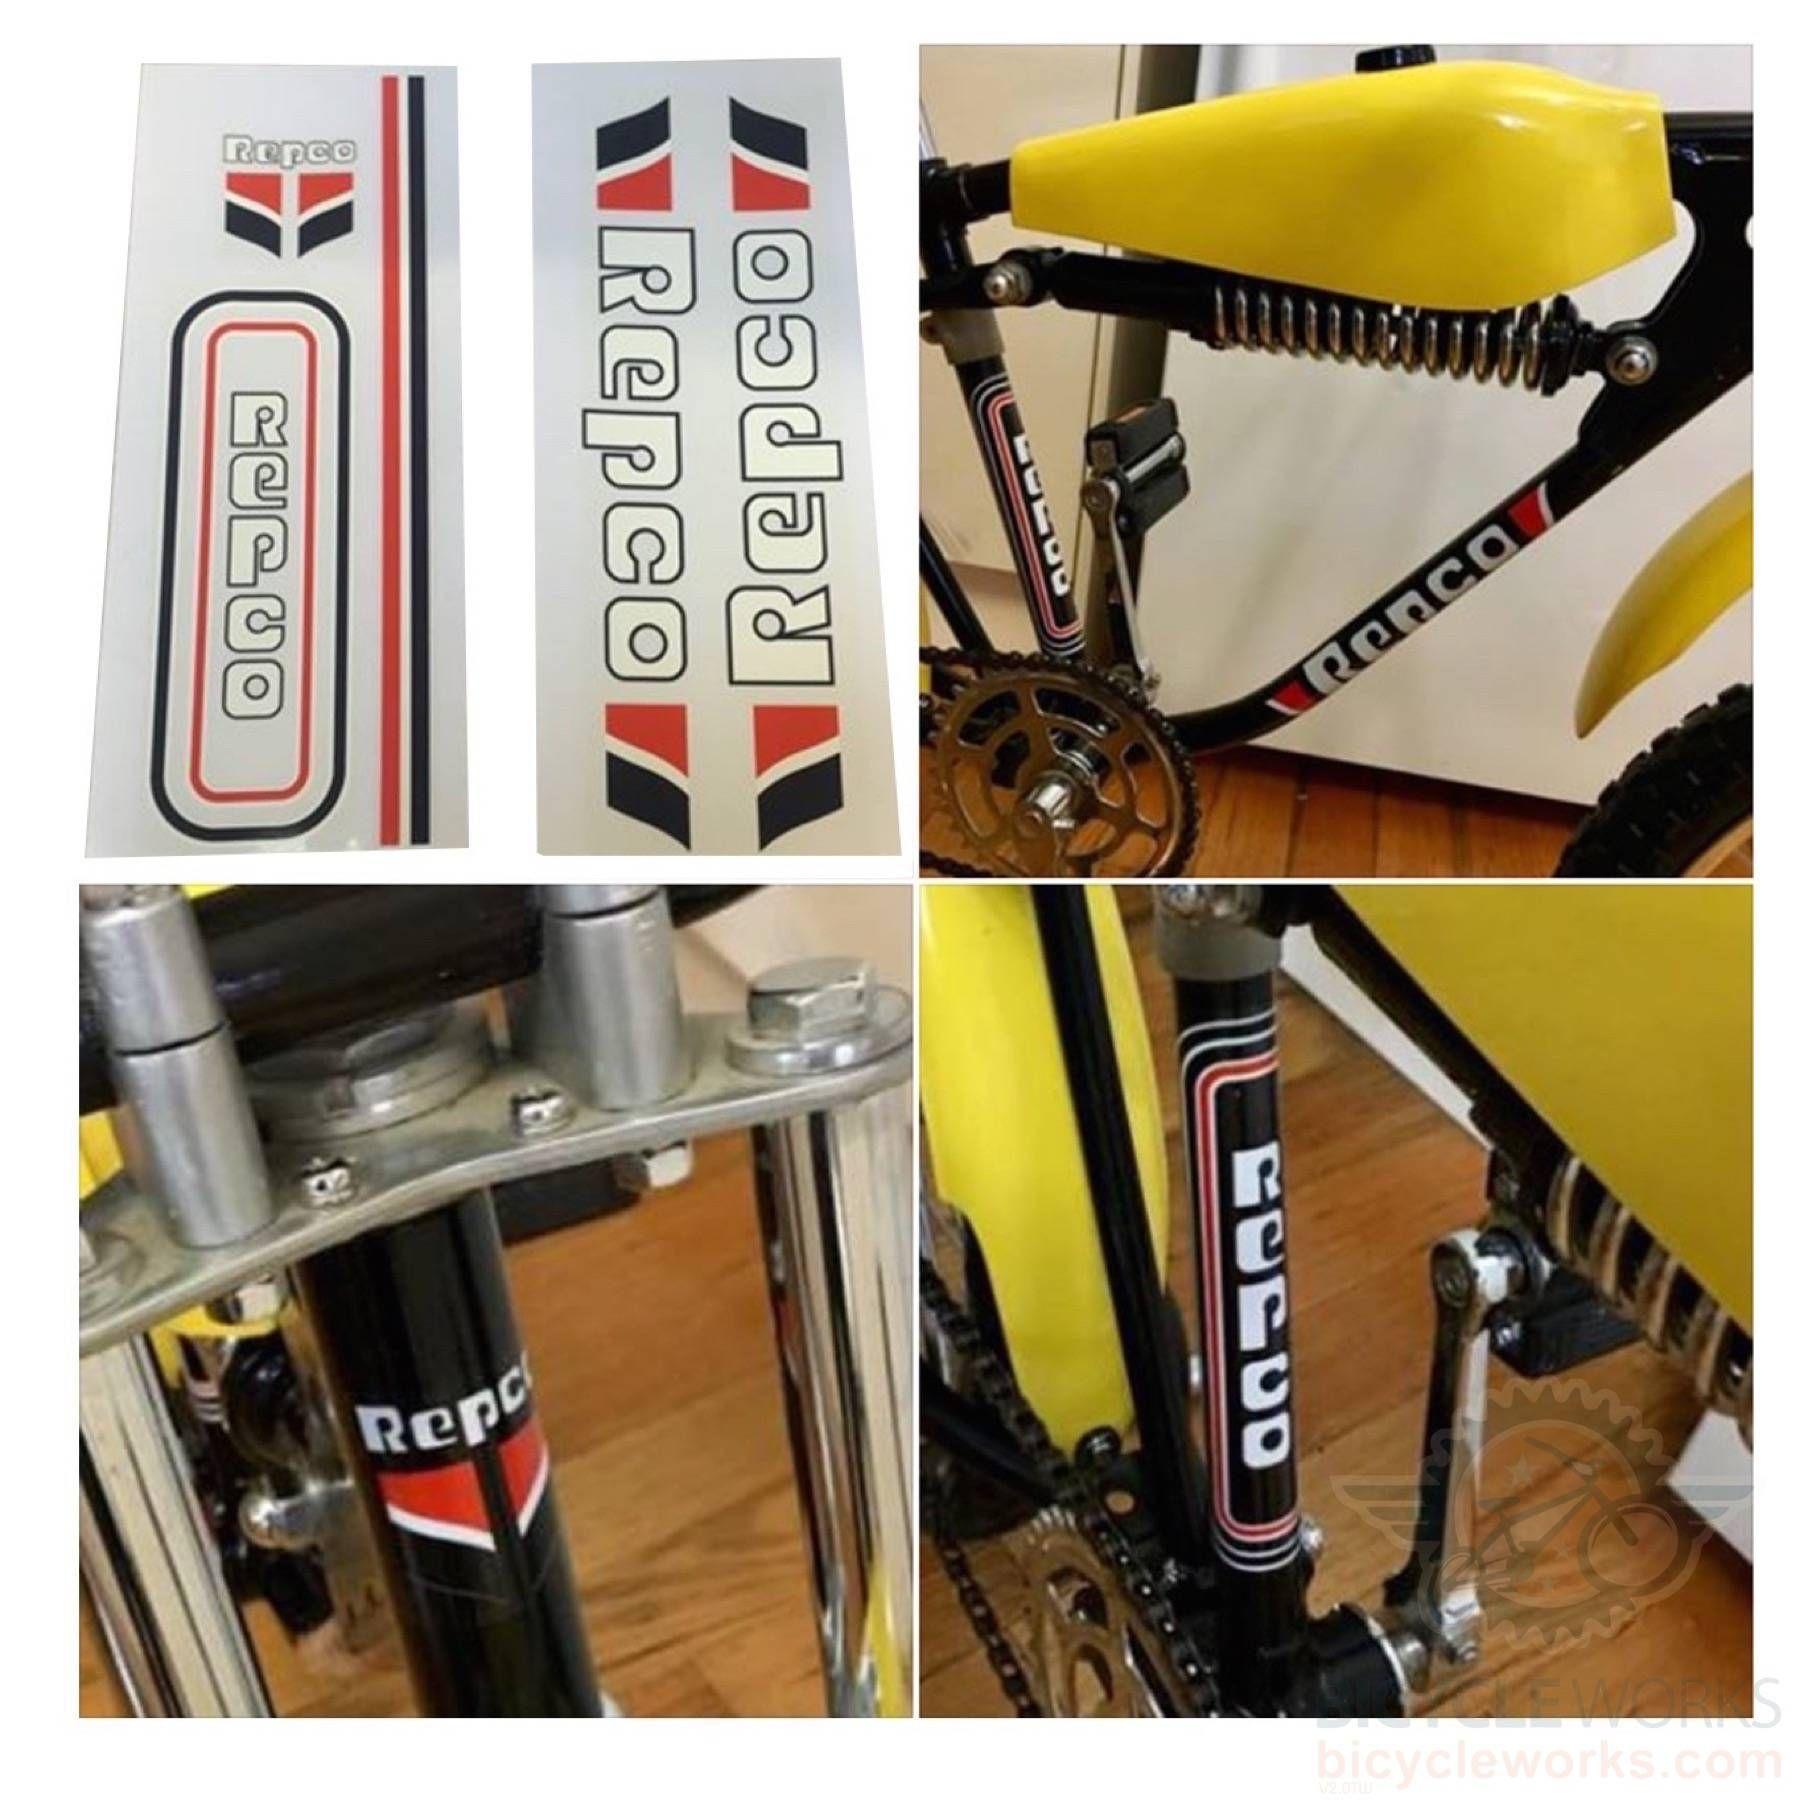 Repco Mx Bike Decal Sticker Kit Sticker Kits Decals Stickers Mx Bikes [ 1800 x 1800 Pixel ]